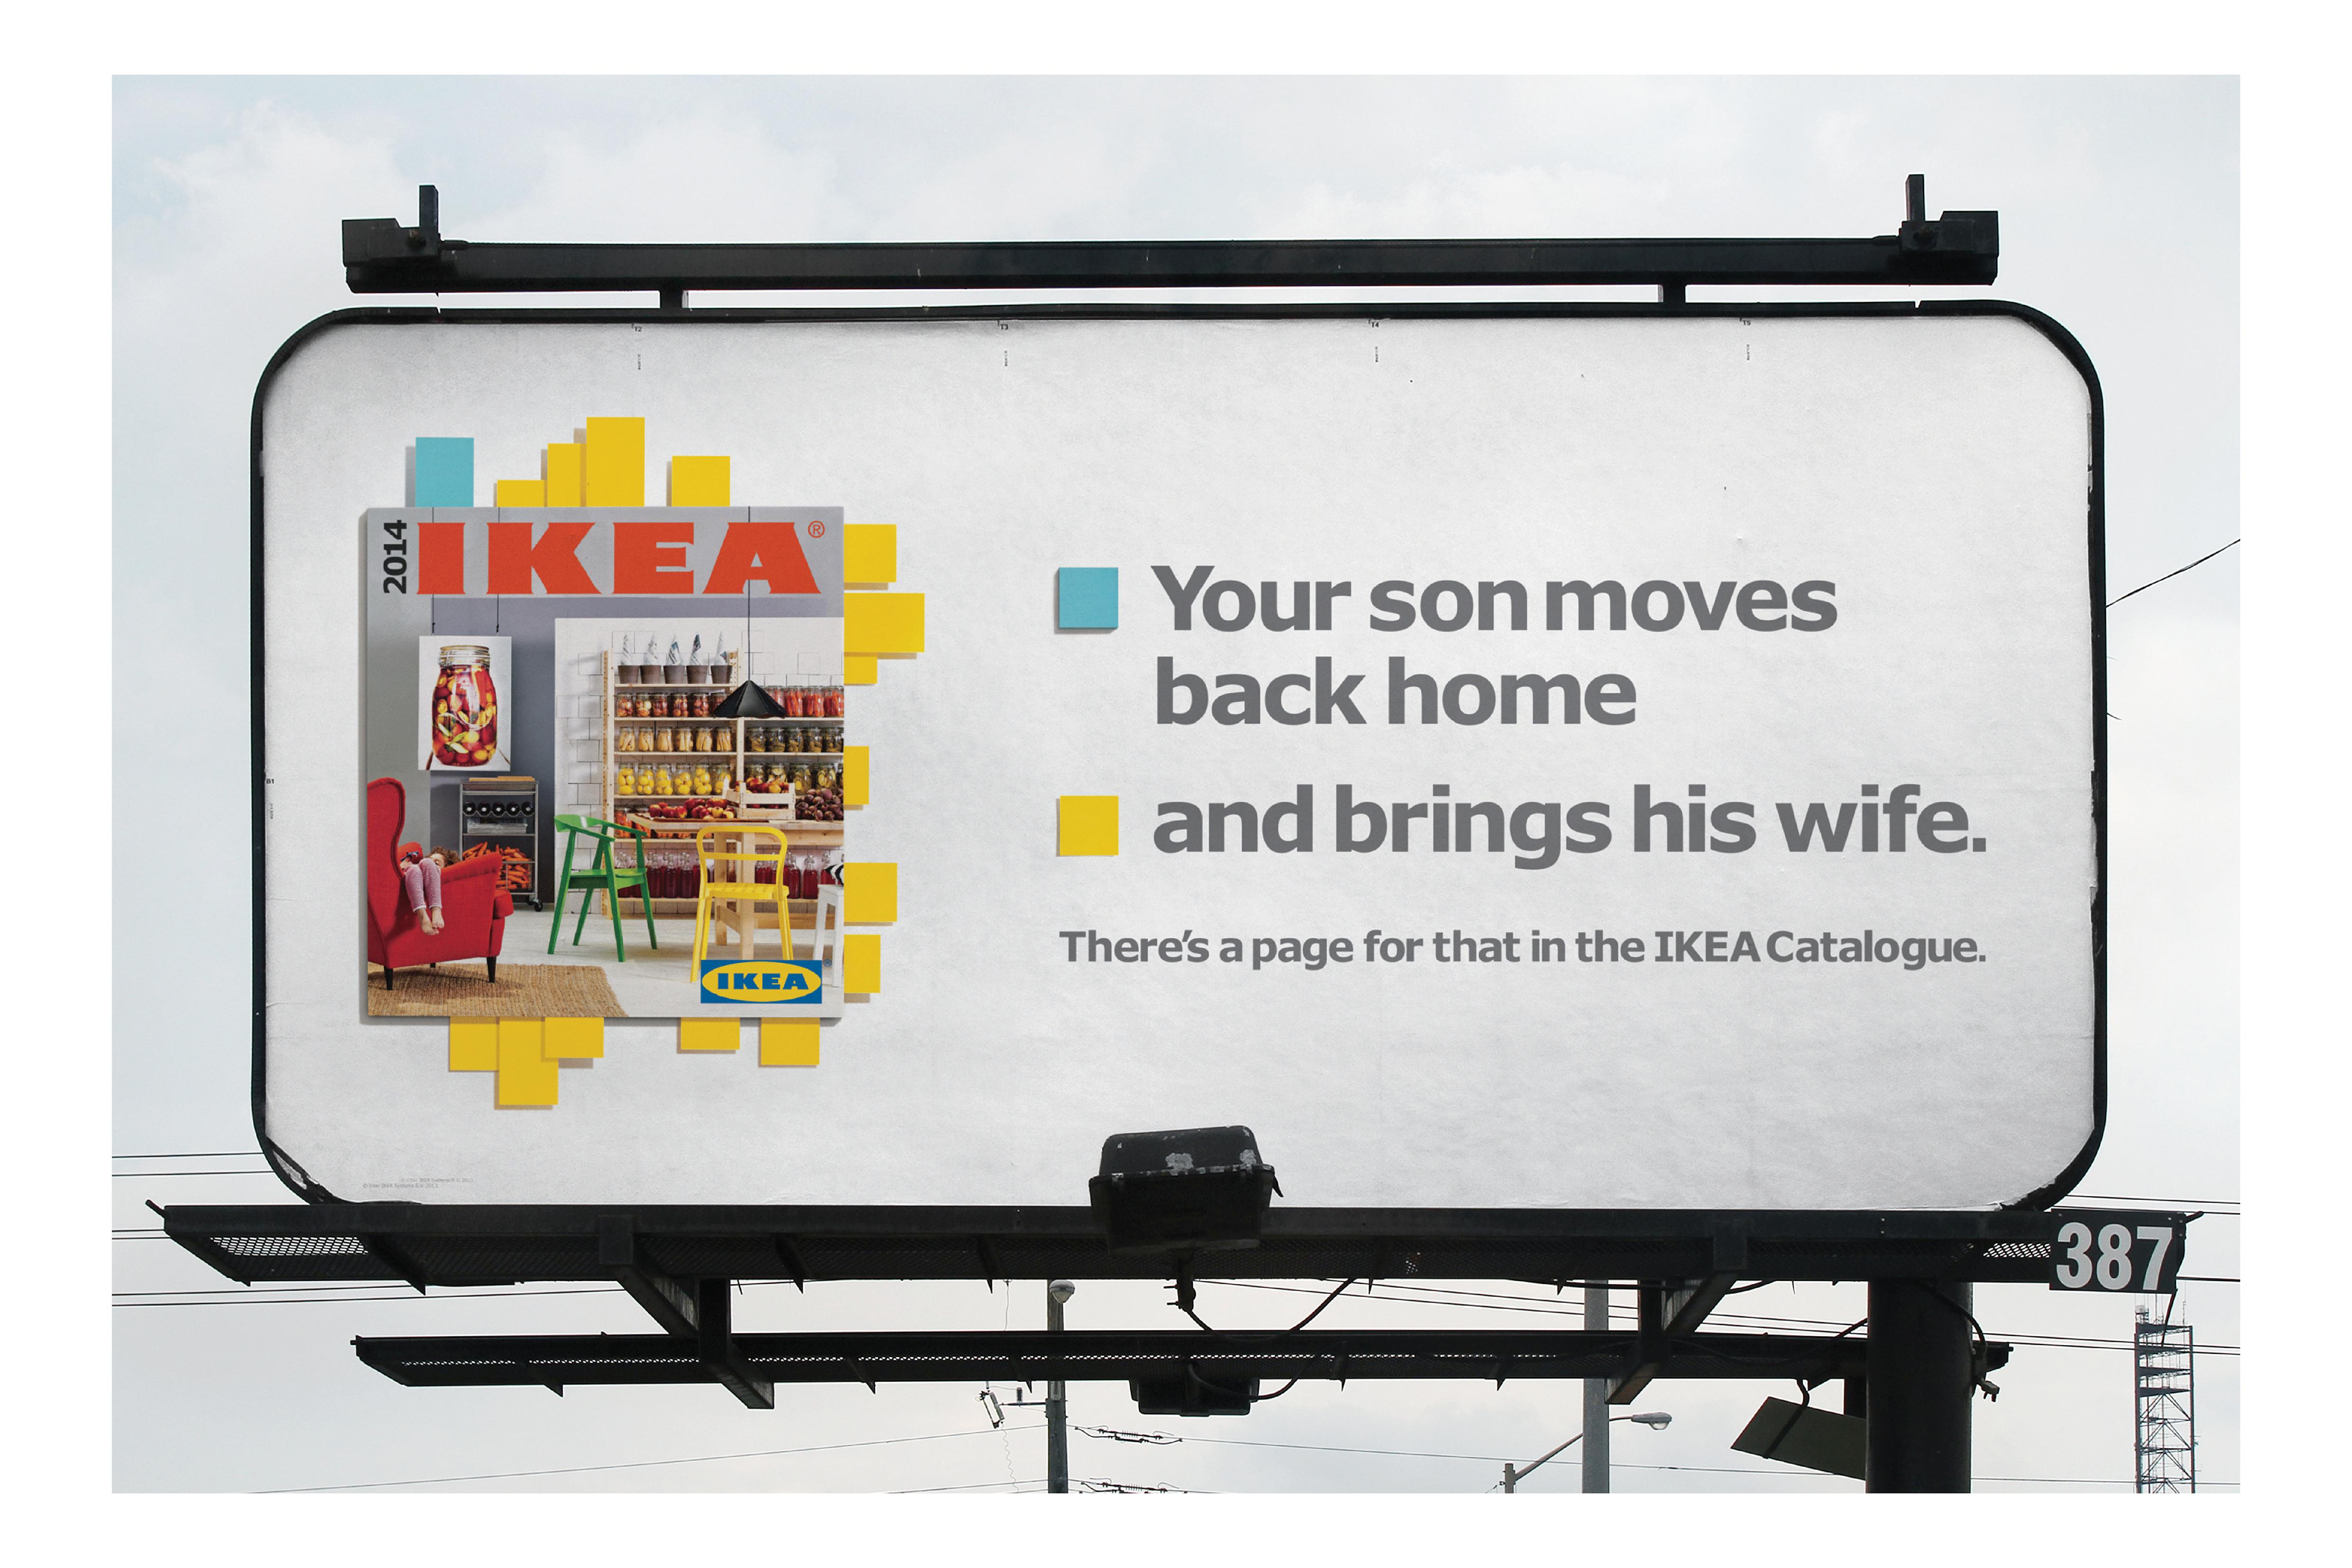 18088_IKEA_OOH3